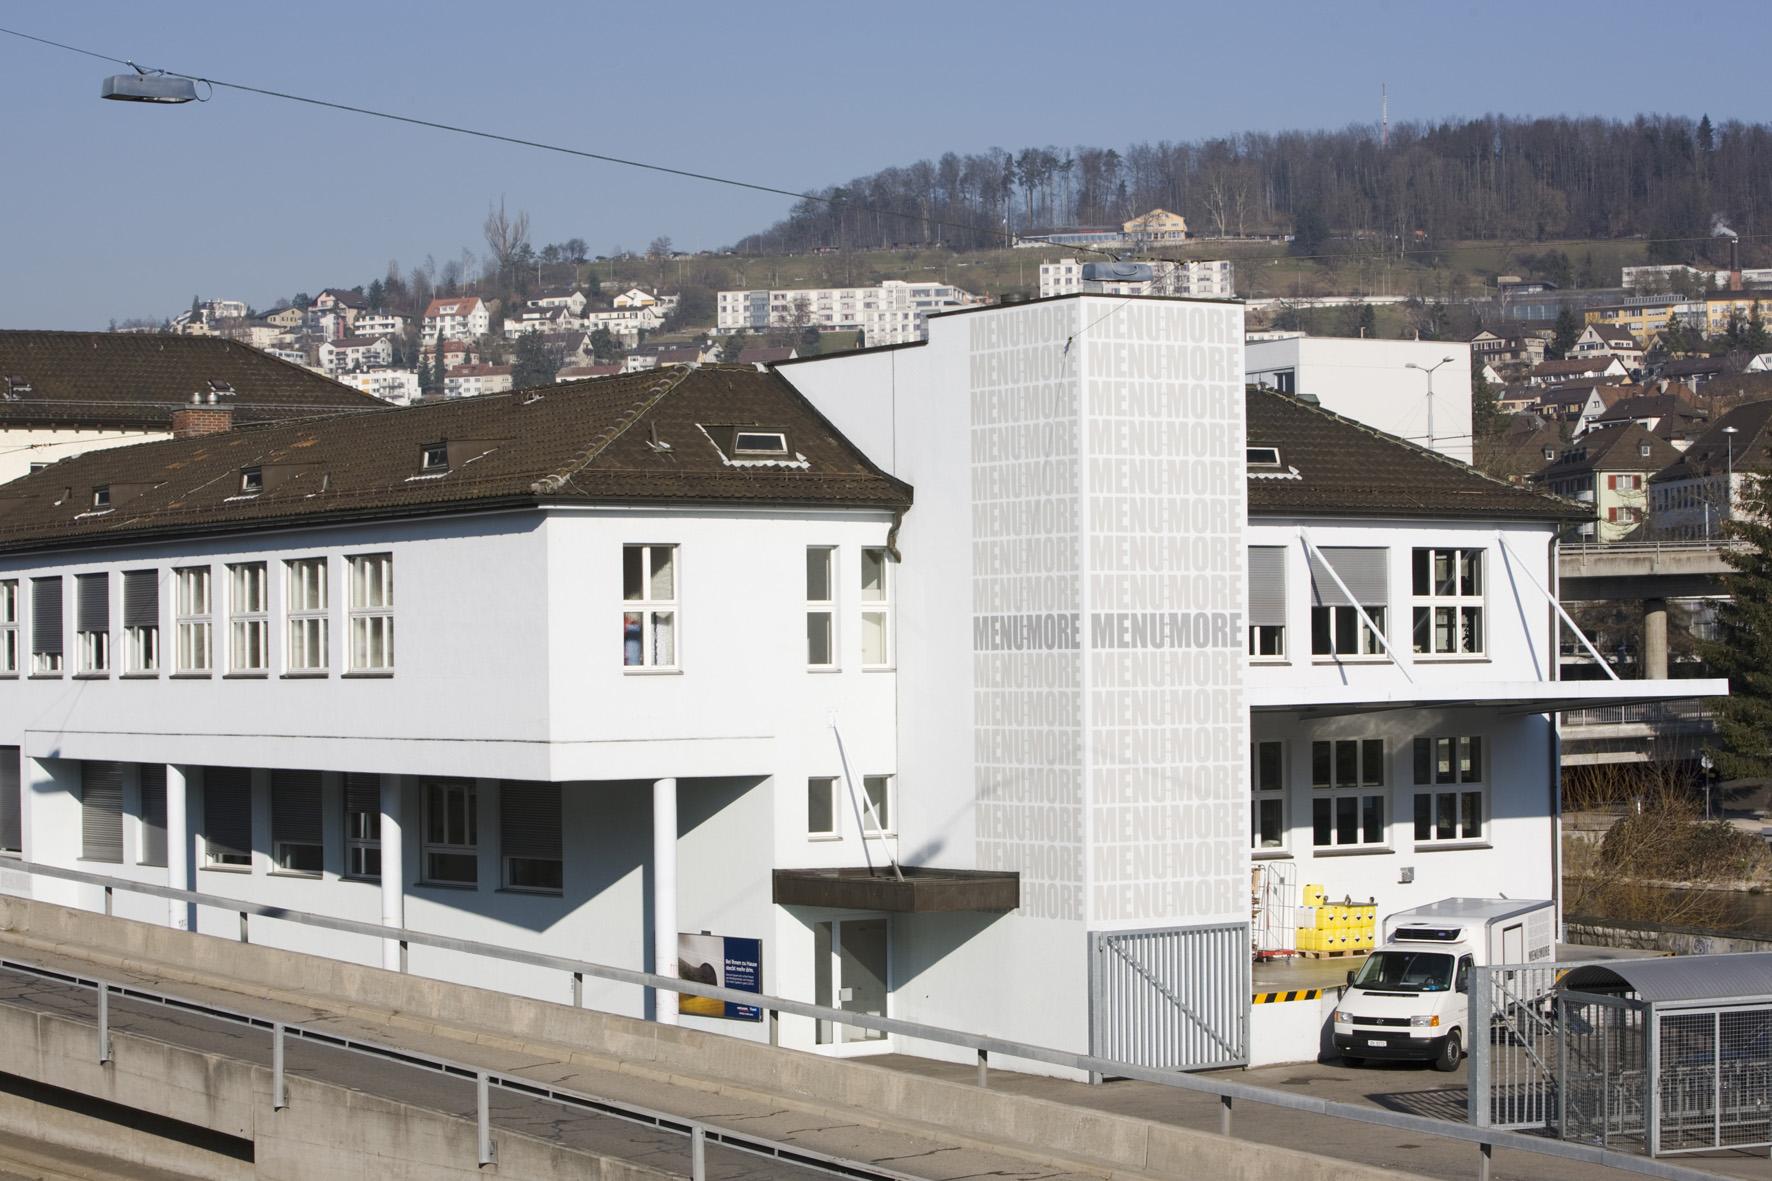 Stadtküche Zürich soll verkauft werden - Stadt Zürich